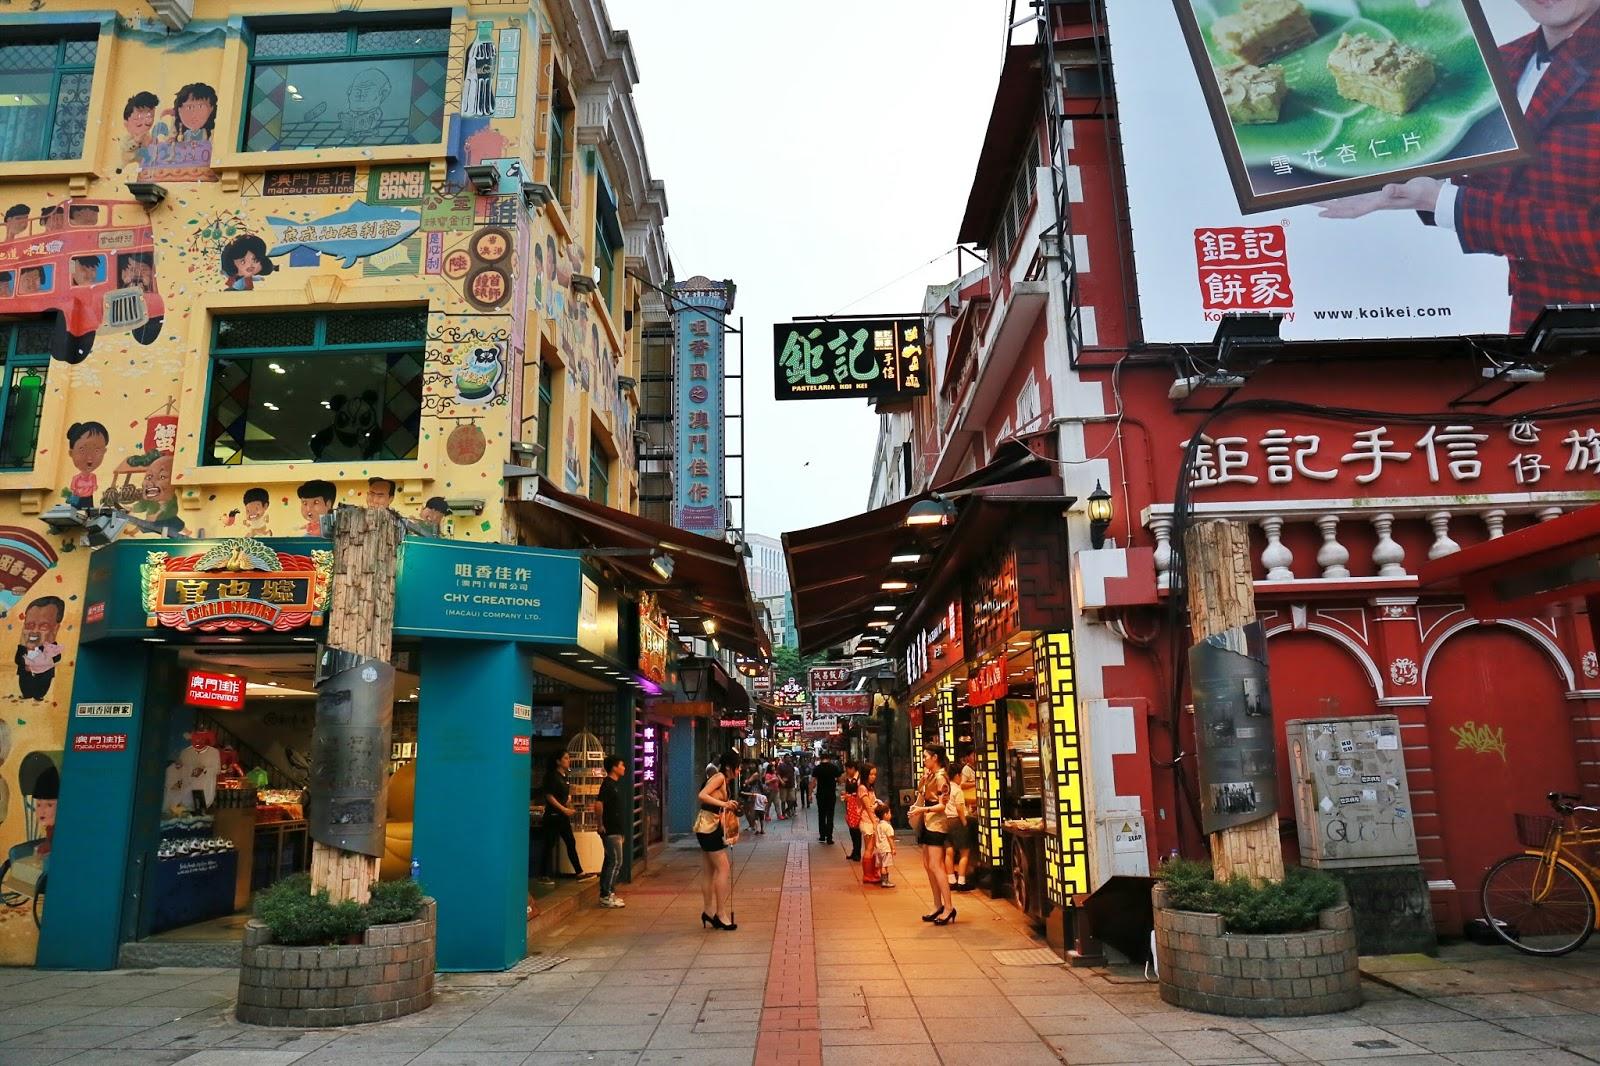 【澳門】氹仔舊城區 Taipa Village Macau ~ 地道文化美食之旅   甜魔媽媽新天地 – U Blog 博客